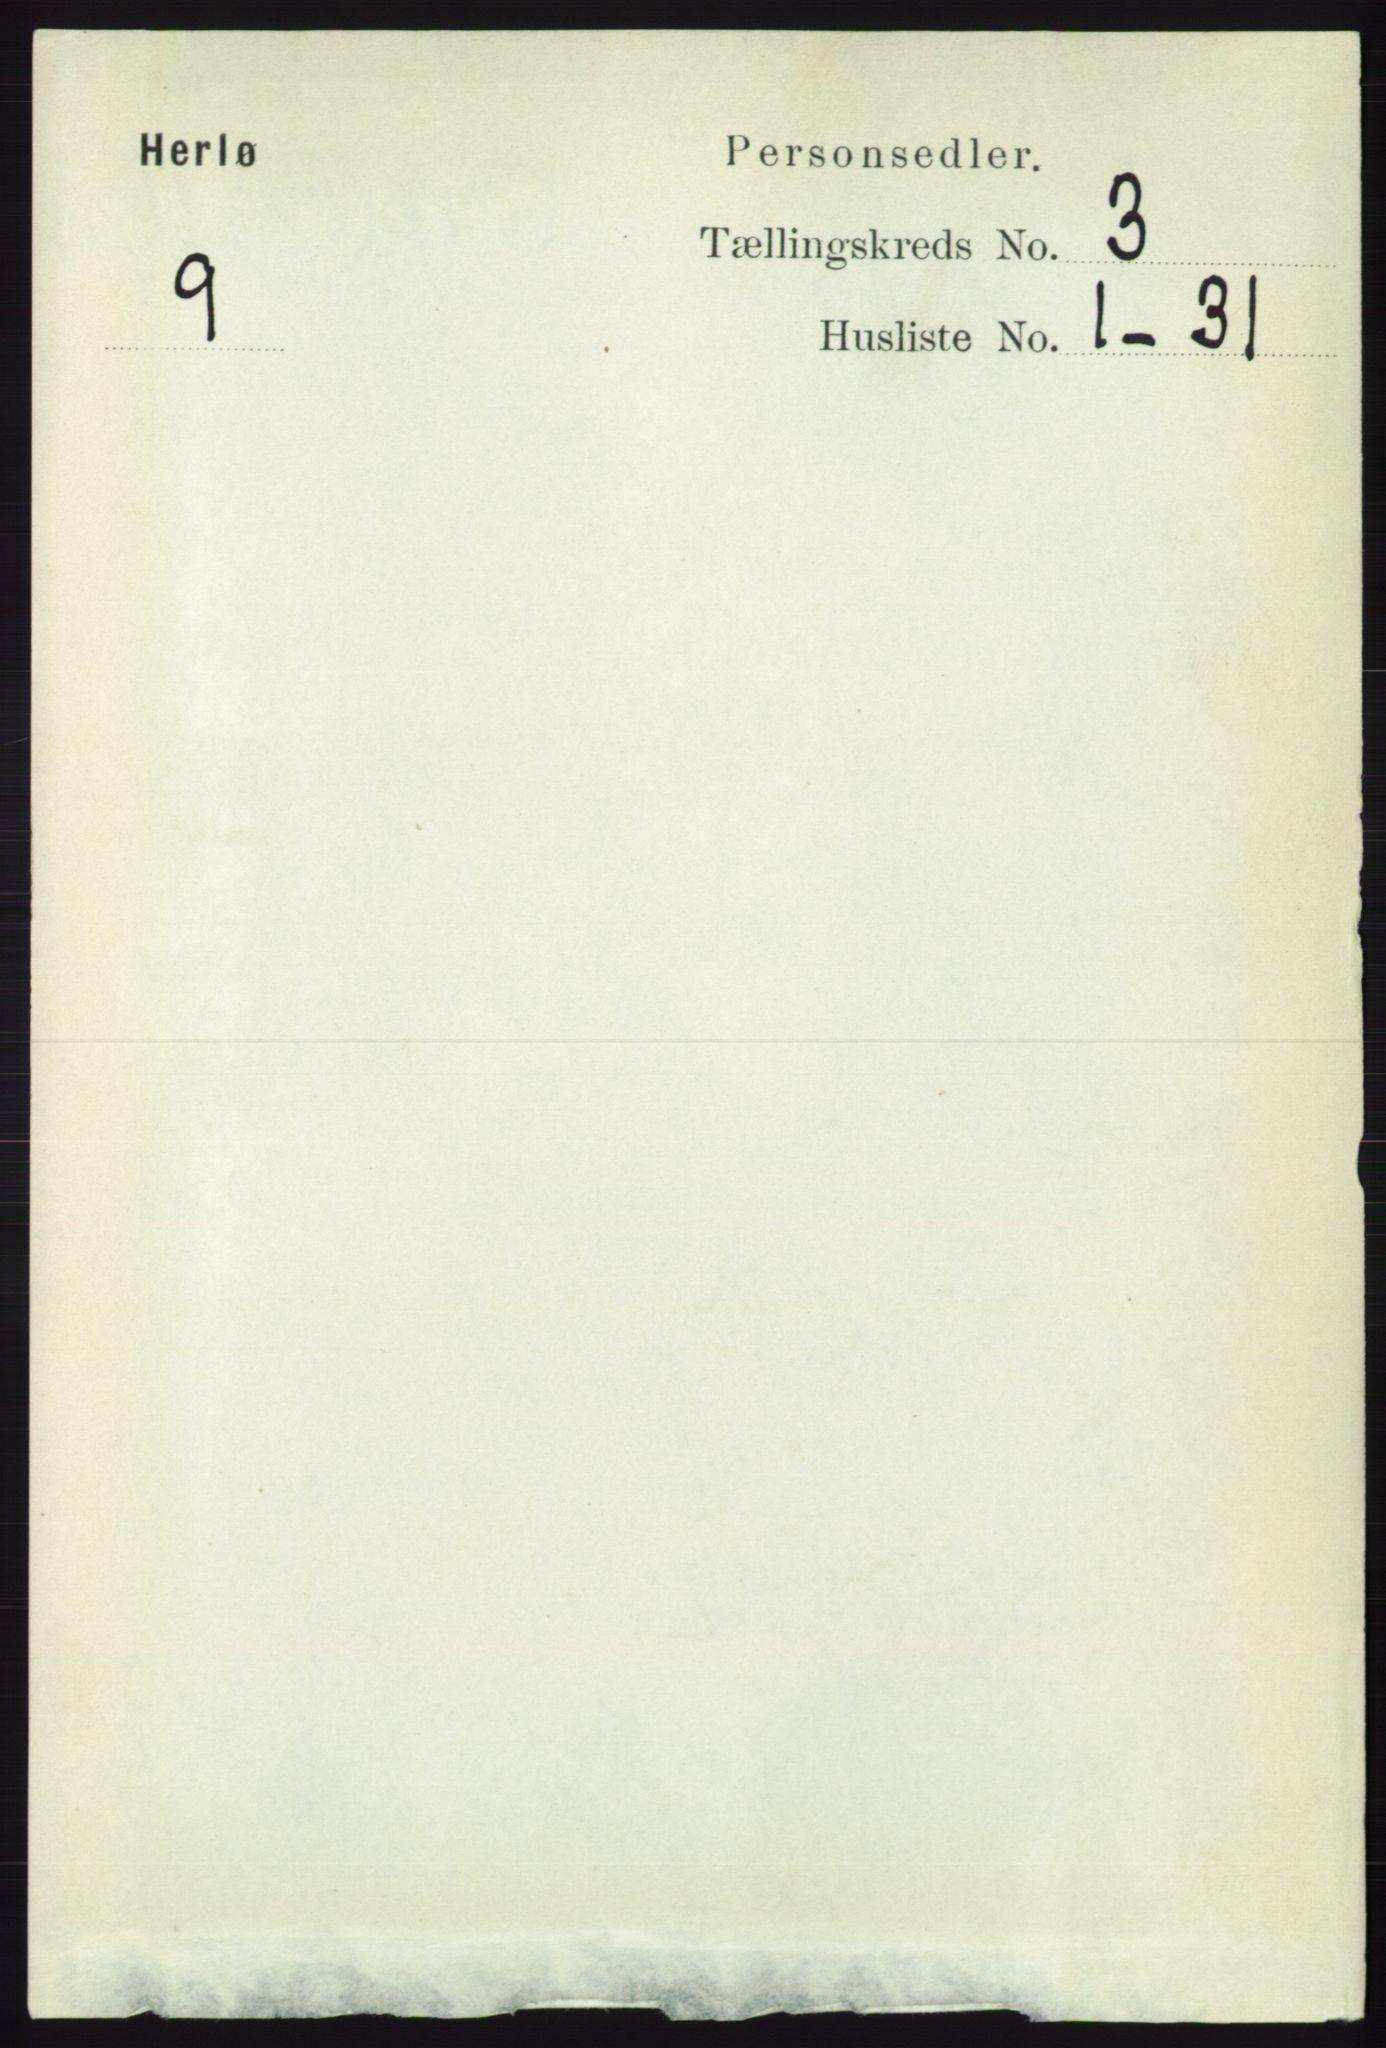 RA, Folketelling 1891 for 1258 Herdla herred, 1891, s. 1081